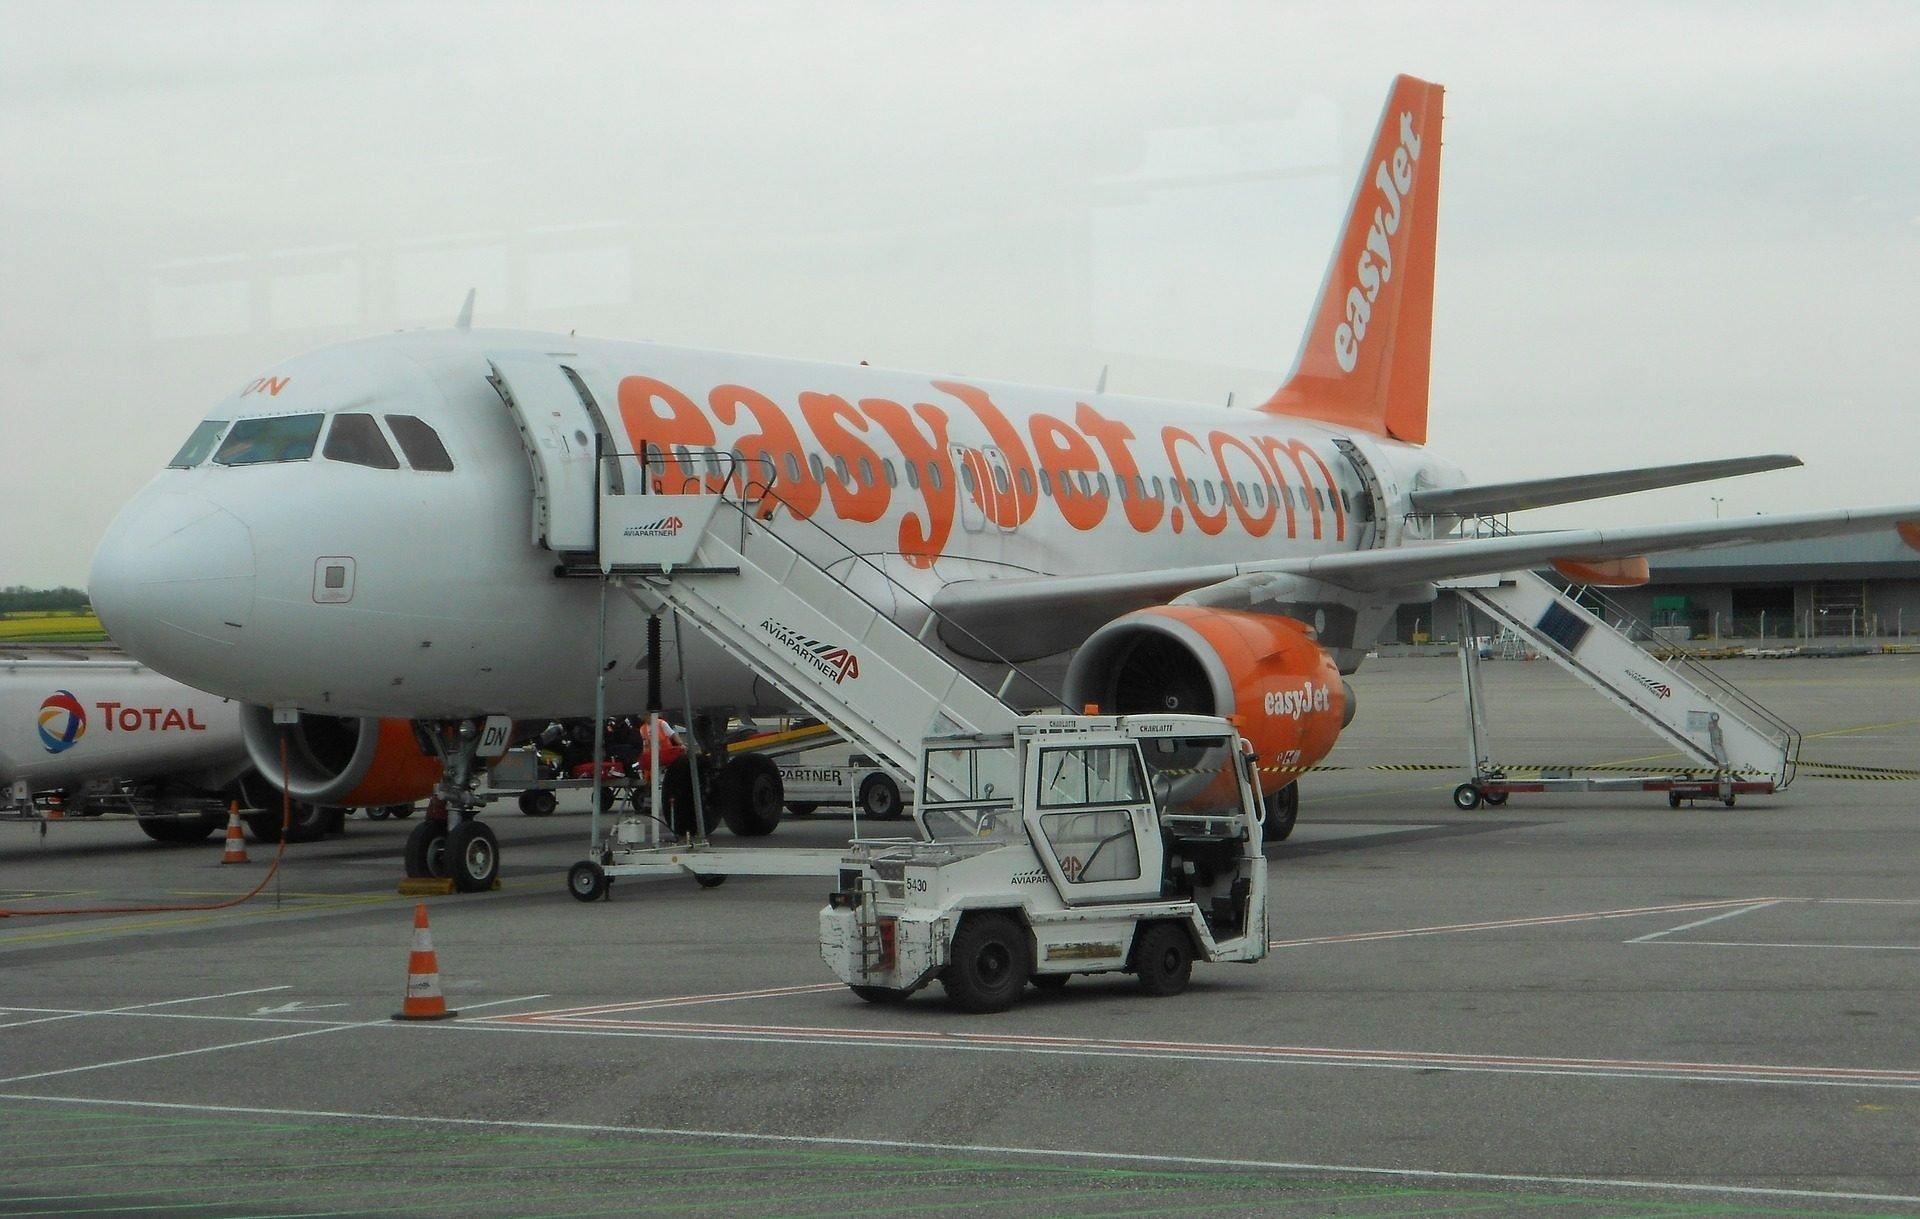 EasyJet passengers arrested after 'violent' brawl left plane's cabin 'covered in blood'